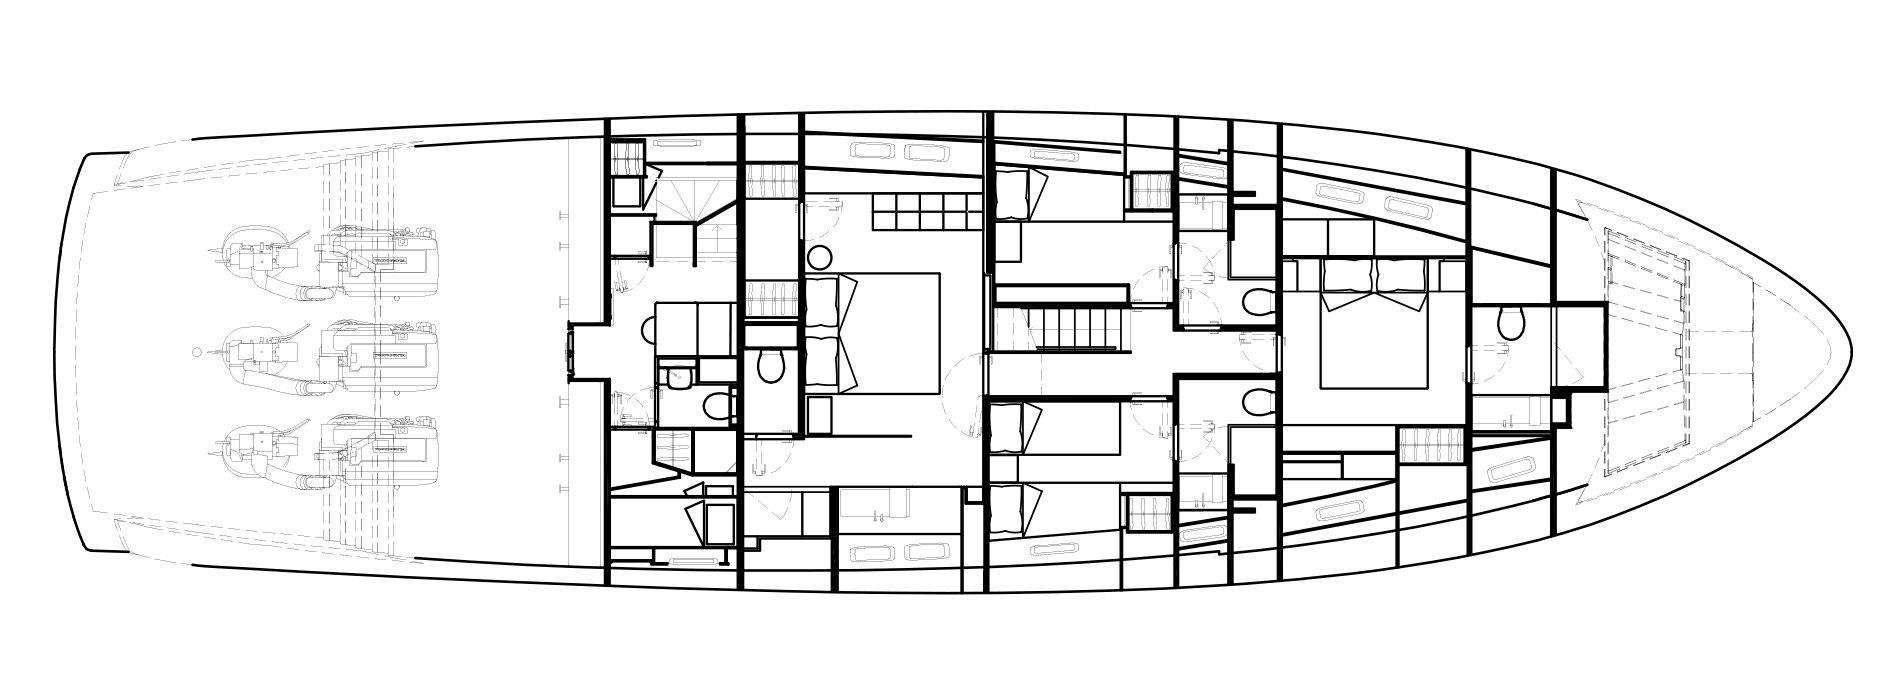 Sanlorenzo Yachts SX88 Unterdeck Versione Lissoni